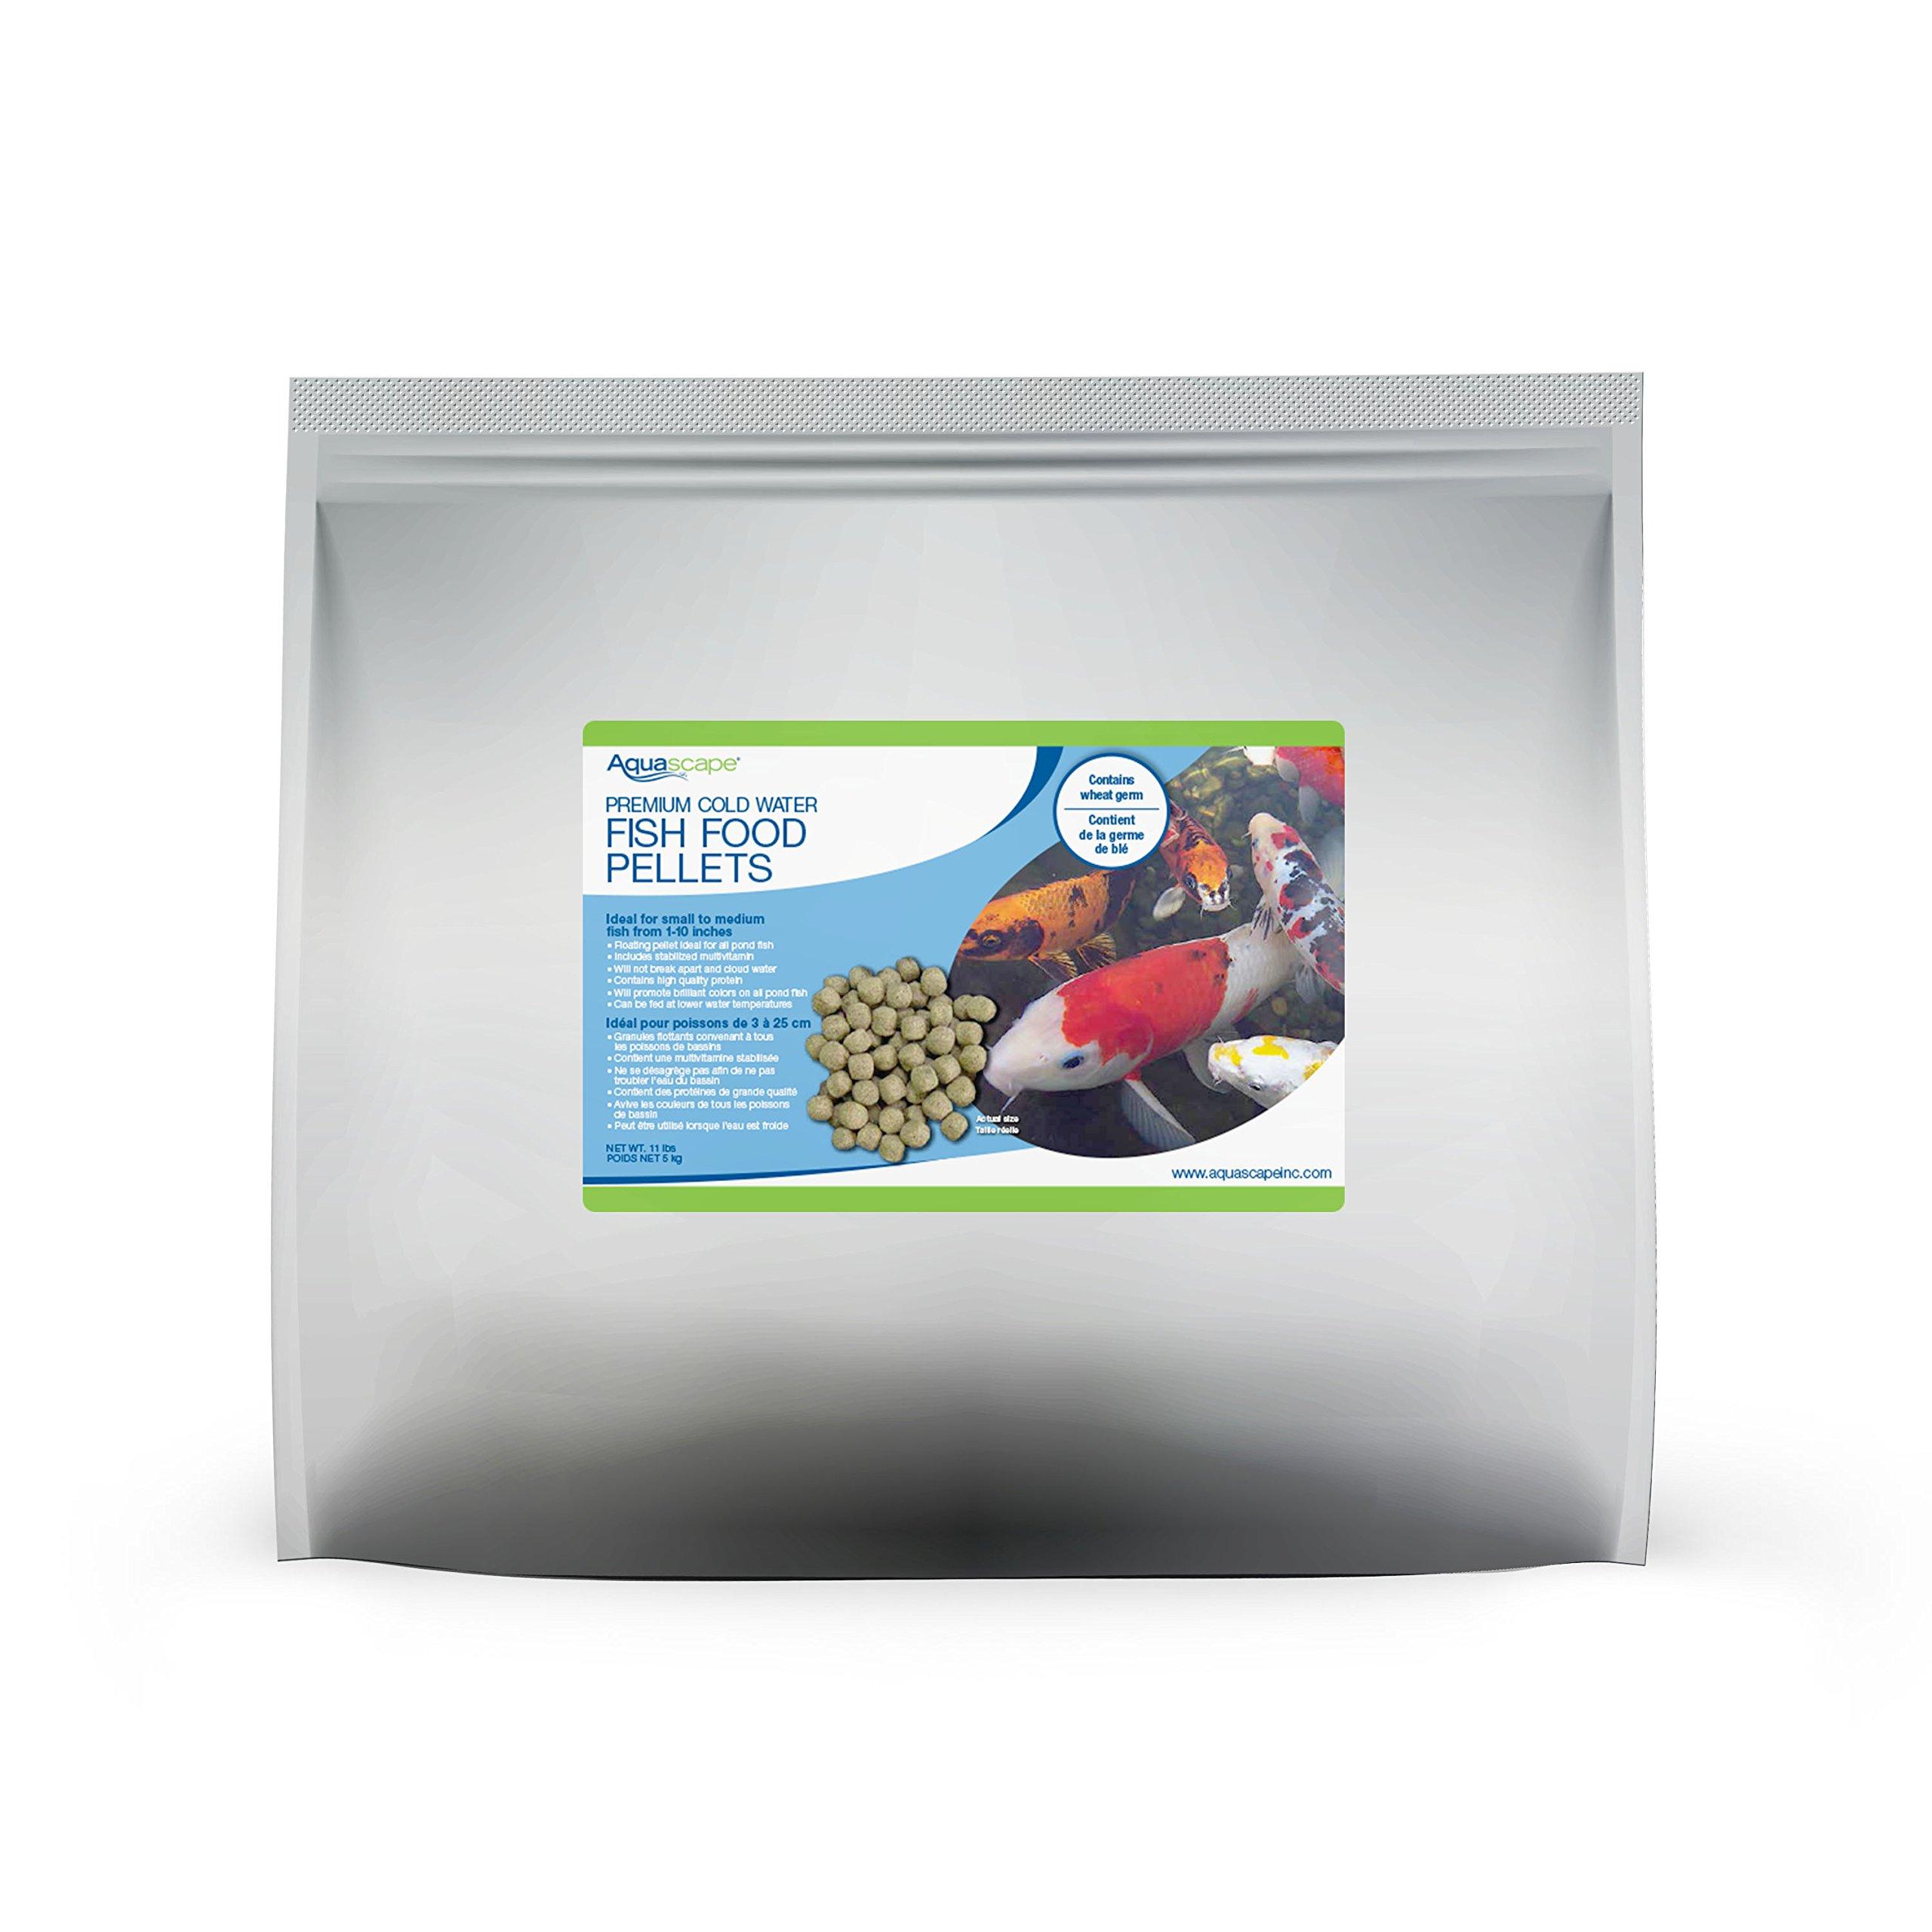 Aquascape 81047 Premium Cold Water Fish Food Pellets for Large Pond Fish, Large Pellet, 11 Pounds